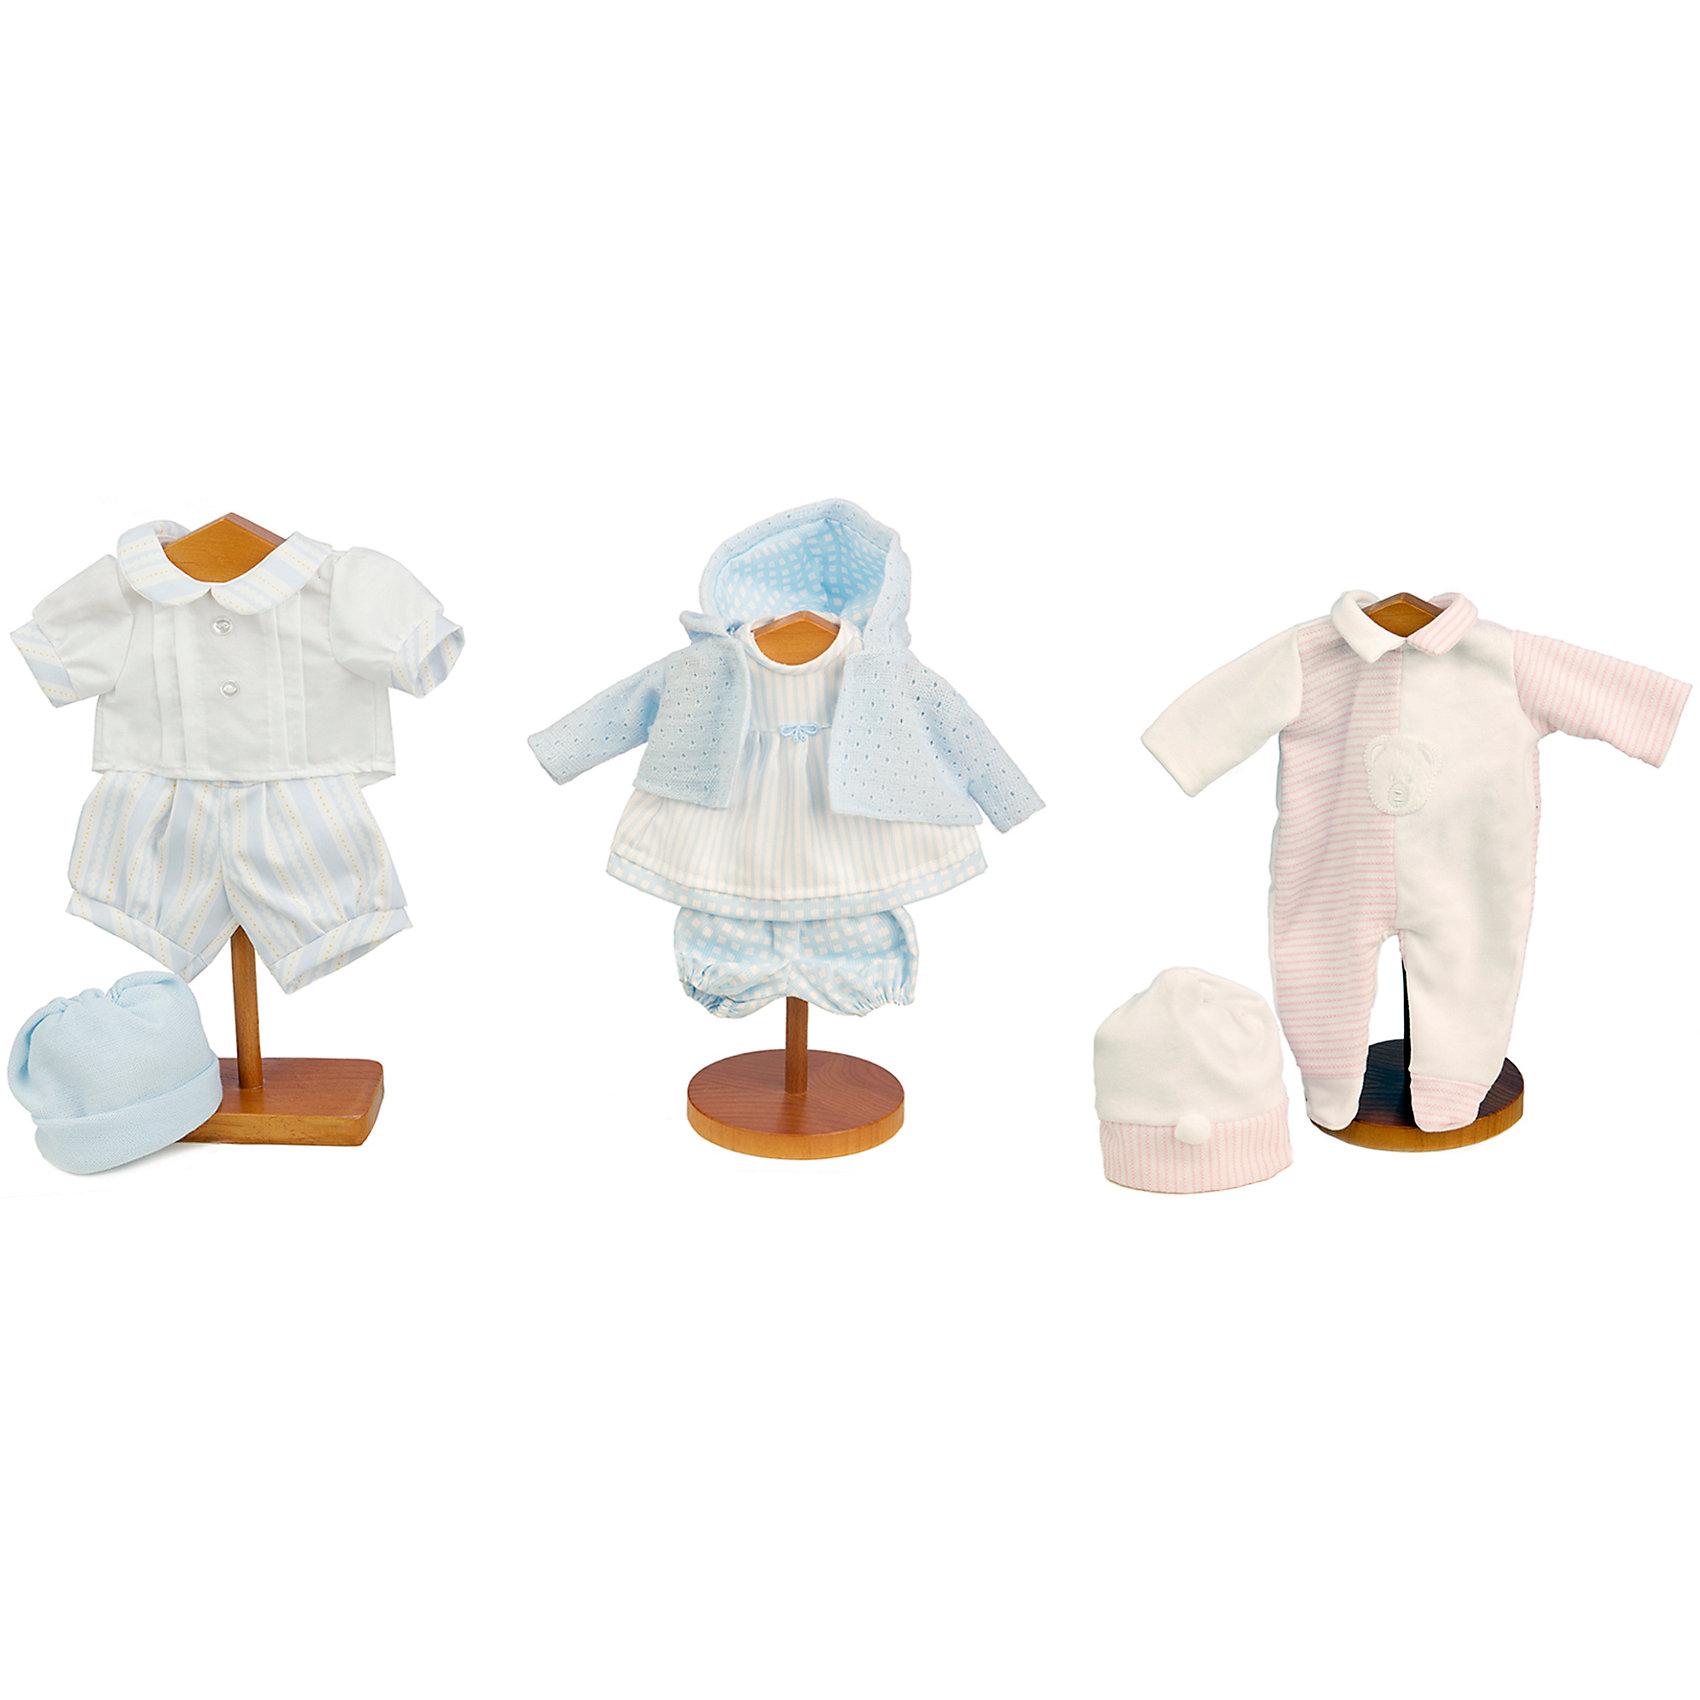 Платье красное для кукол высотой 33 см, Munecas Antonio JuanБренды кукол<br>Идеальная одежда для идеальной куклы! Девочки придут в восторг от этих замечательных комплектов. Вся одежда изготовлена из высококачественных тканей, выполнена в нежной цветовой гамме, сшита очень качественно, выглядит красиво и реалистично. <br><br>Дополнительная информация:<br><br>- Материал: текстиль.<br>- На куклу высотой 33 см. <br>- В ассортименте: комбинезон и шапочка; платье, кофта, трусики, шорты, рубашка, шапочка. <br>ВНИМАНИЕ! Данный артикул представлен в разных вариантах исполнения. К сожалению, заранее выбрать определенный вариант невозможно. При заказе нескольких комплектов одежды, возможно получение одинаковых.<br><br>Одежду для кукол высотой 33 см, Munecas Antonio Juan, можно купить в нашем магазине.<br><br>Ширина мм: 200<br>Глубина мм: 240<br>Высота мм: 10<br>Вес г: 100<br>Возраст от месяцев: 36<br>Возраст до месяцев: 84<br>Пол: Женский<br>Возраст: Детский<br>SKU: 4540601